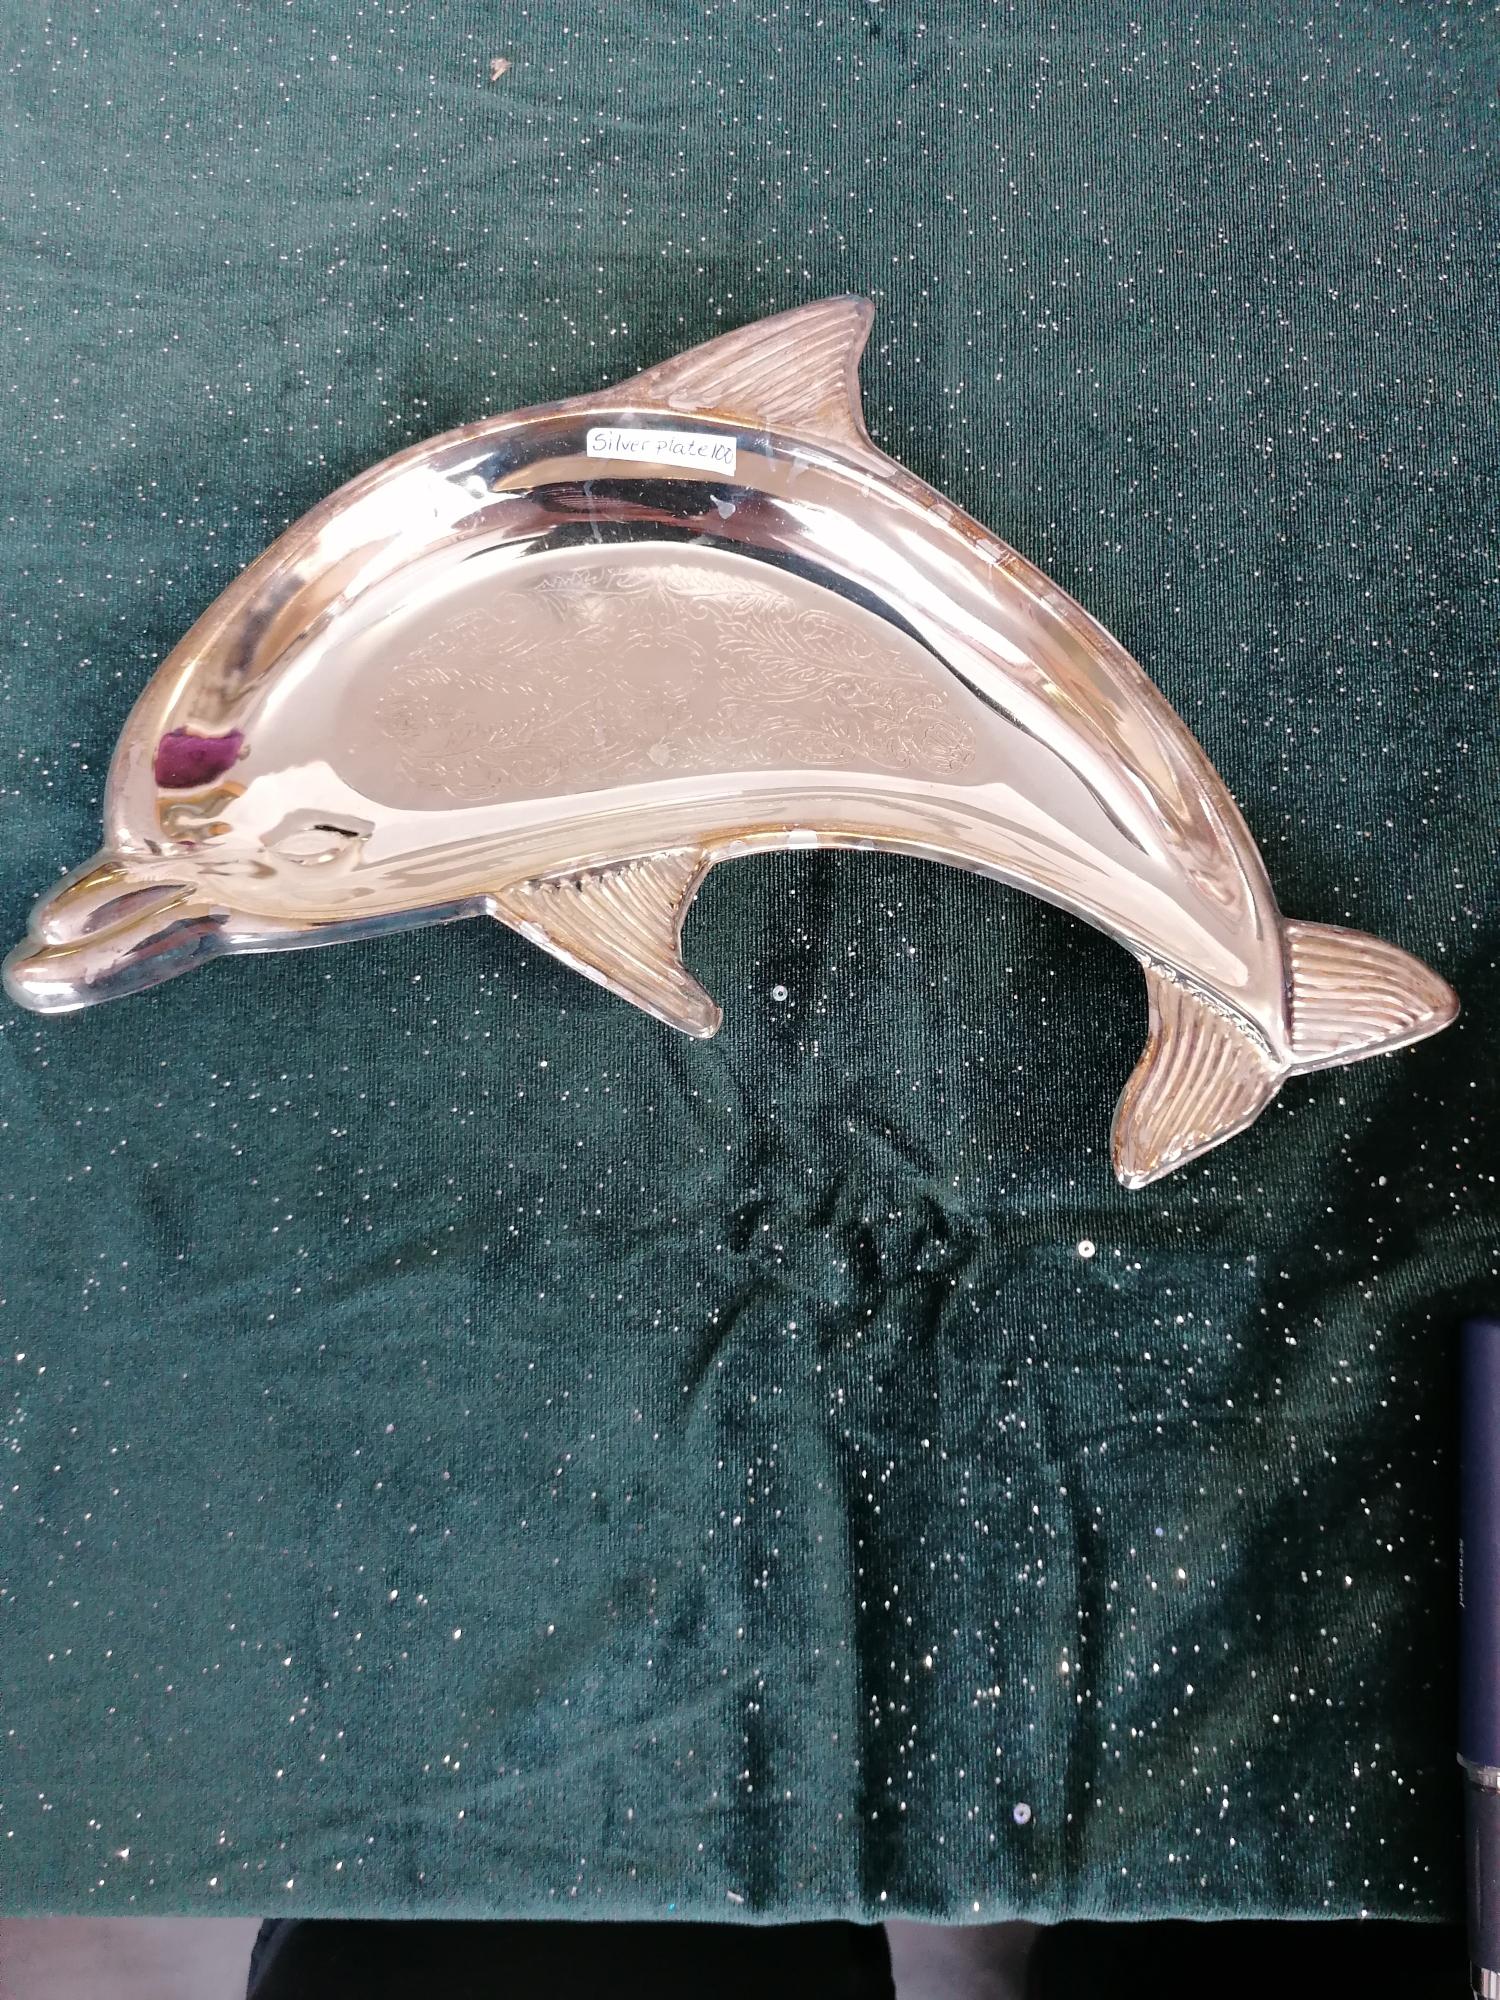 Fat i form av delfin silverplate